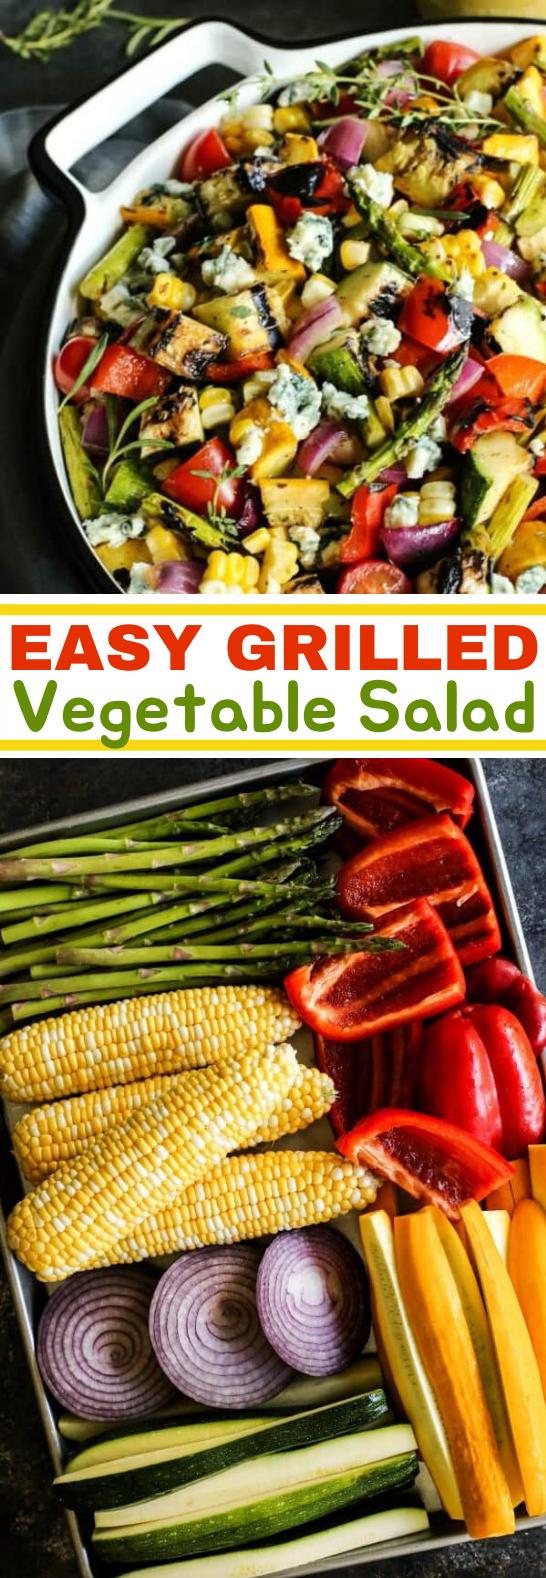 Grilled Vegetable Salad #vegetarian #salad #summer #lunch #sidedish